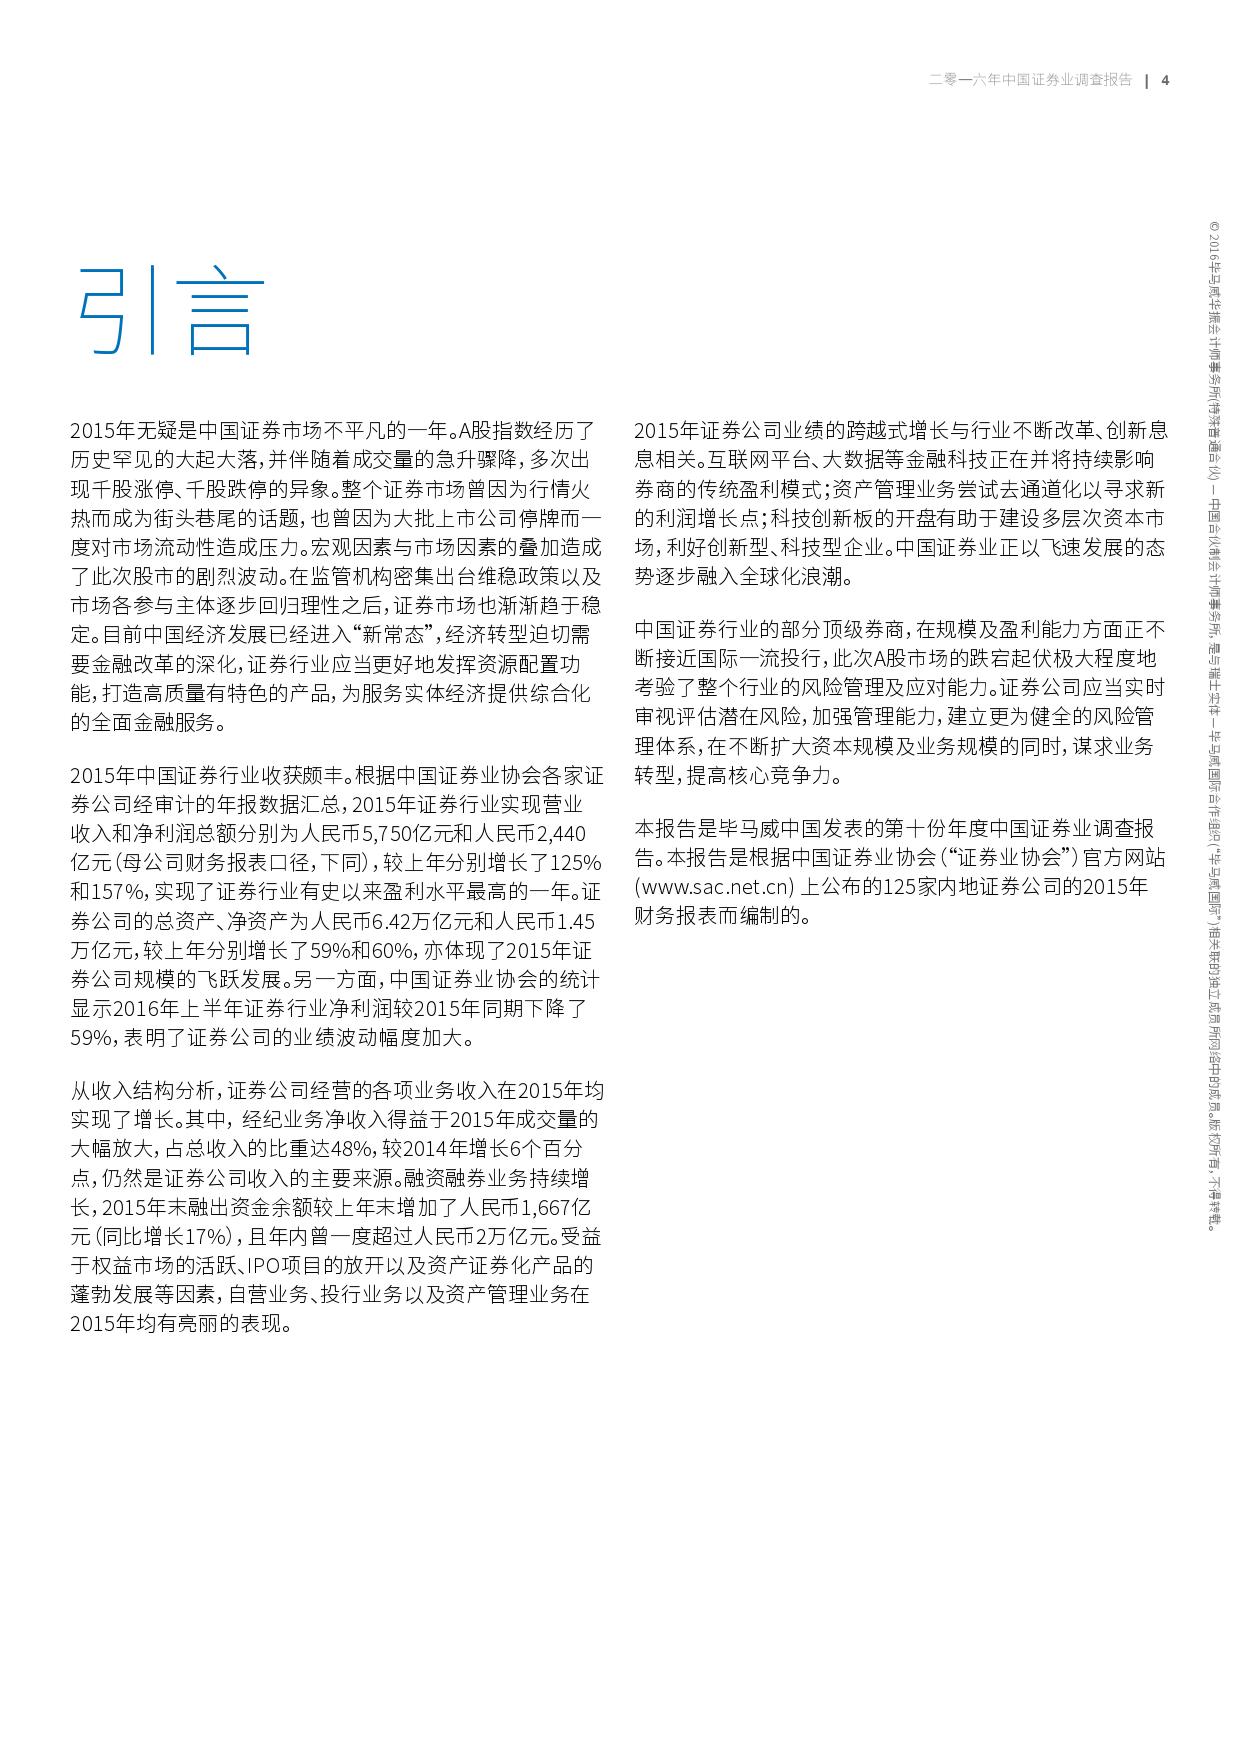 2016年中国证券业调查报告_000007